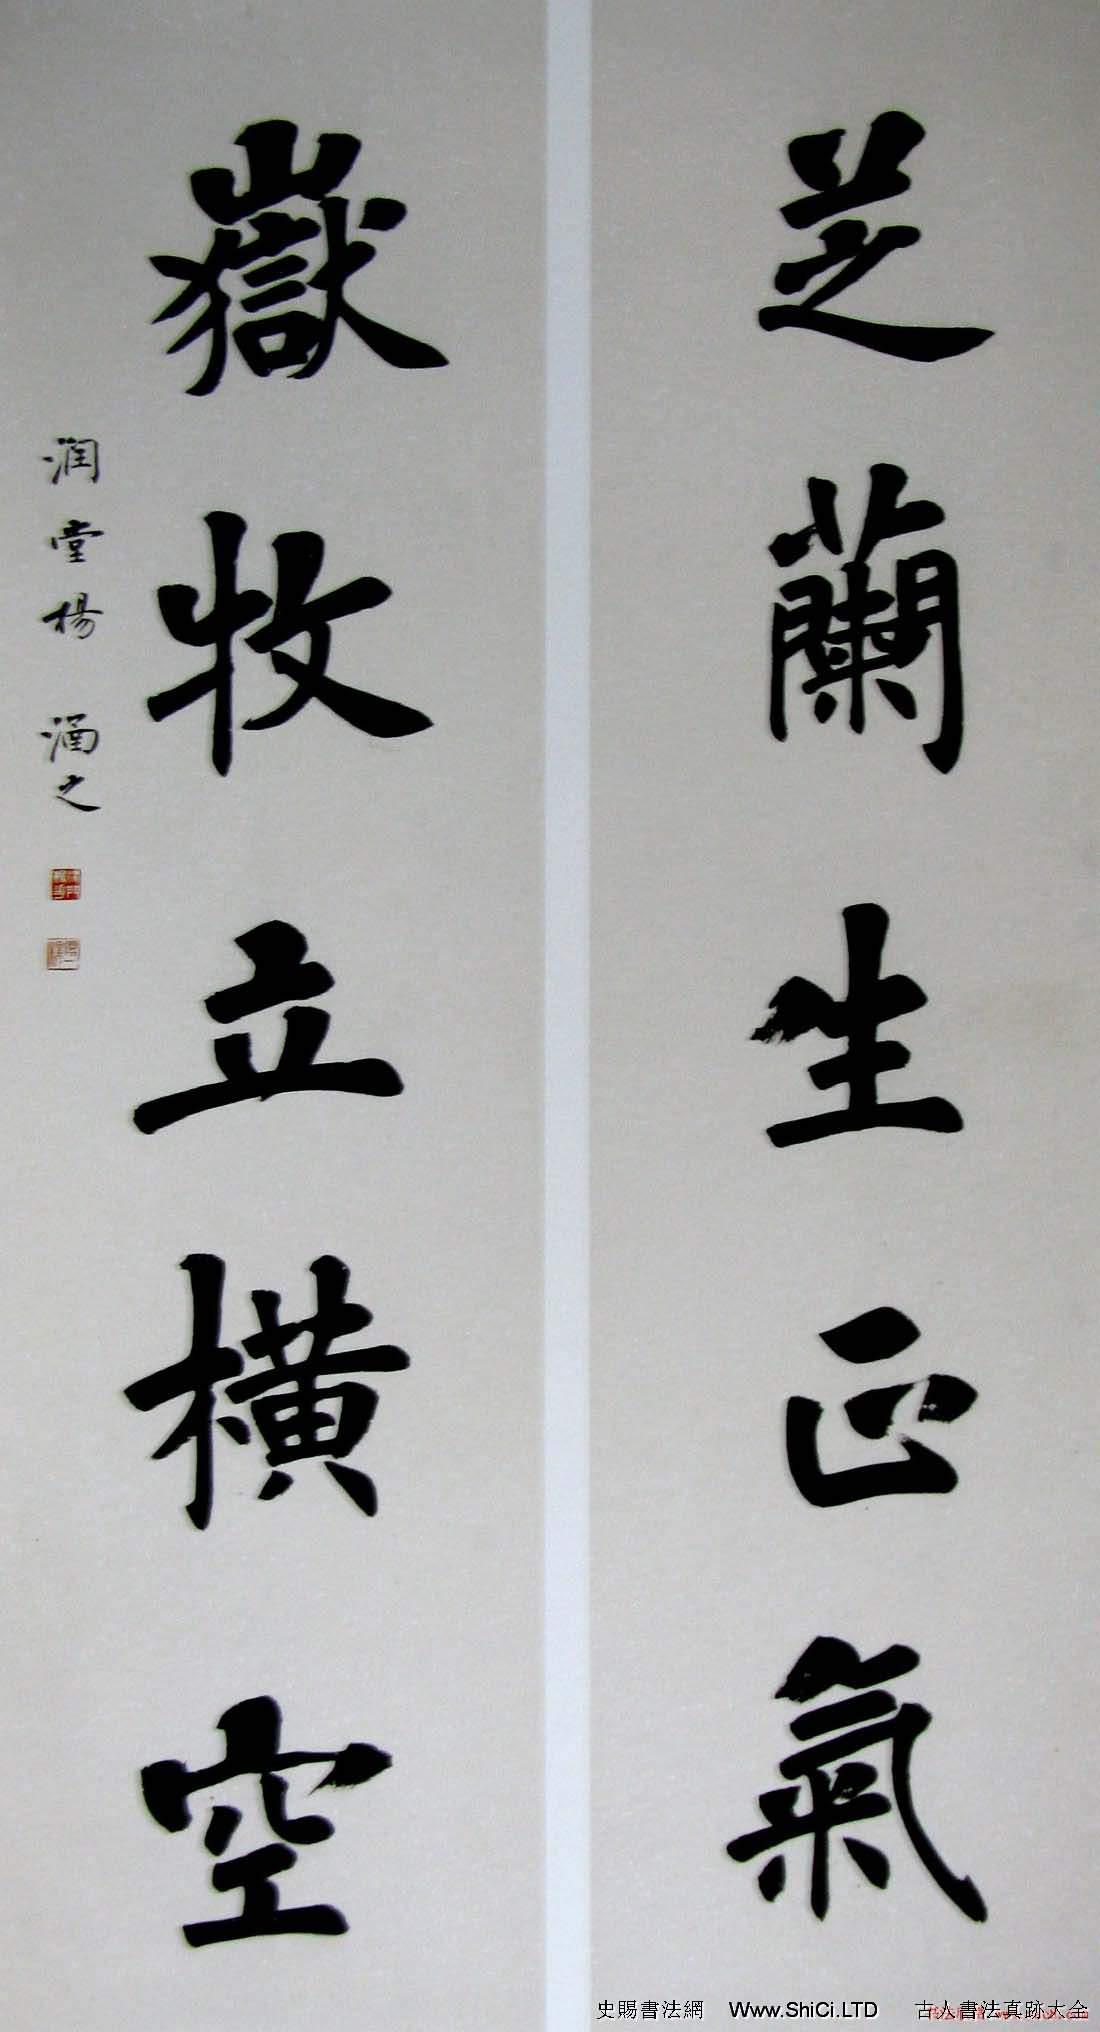 名家書法「芝蘭生正氣,岳牧立橫空」(共25張圖片)